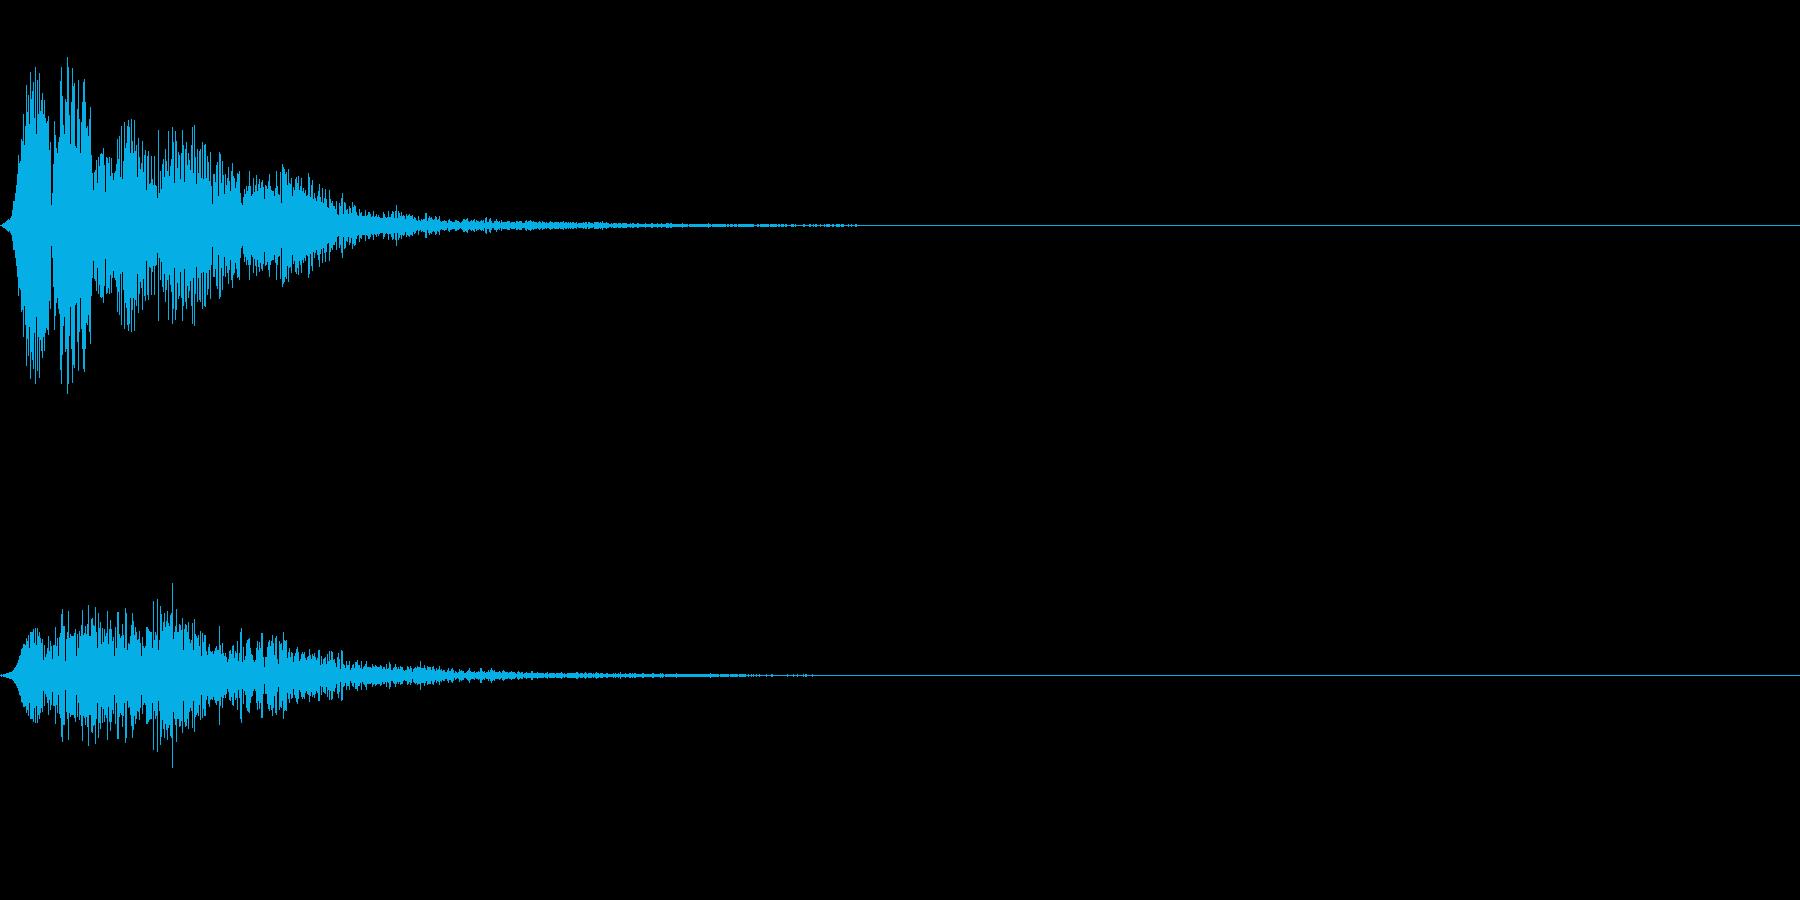 フュロロロロッ↓(フルート駆け降り)の再生済みの波形